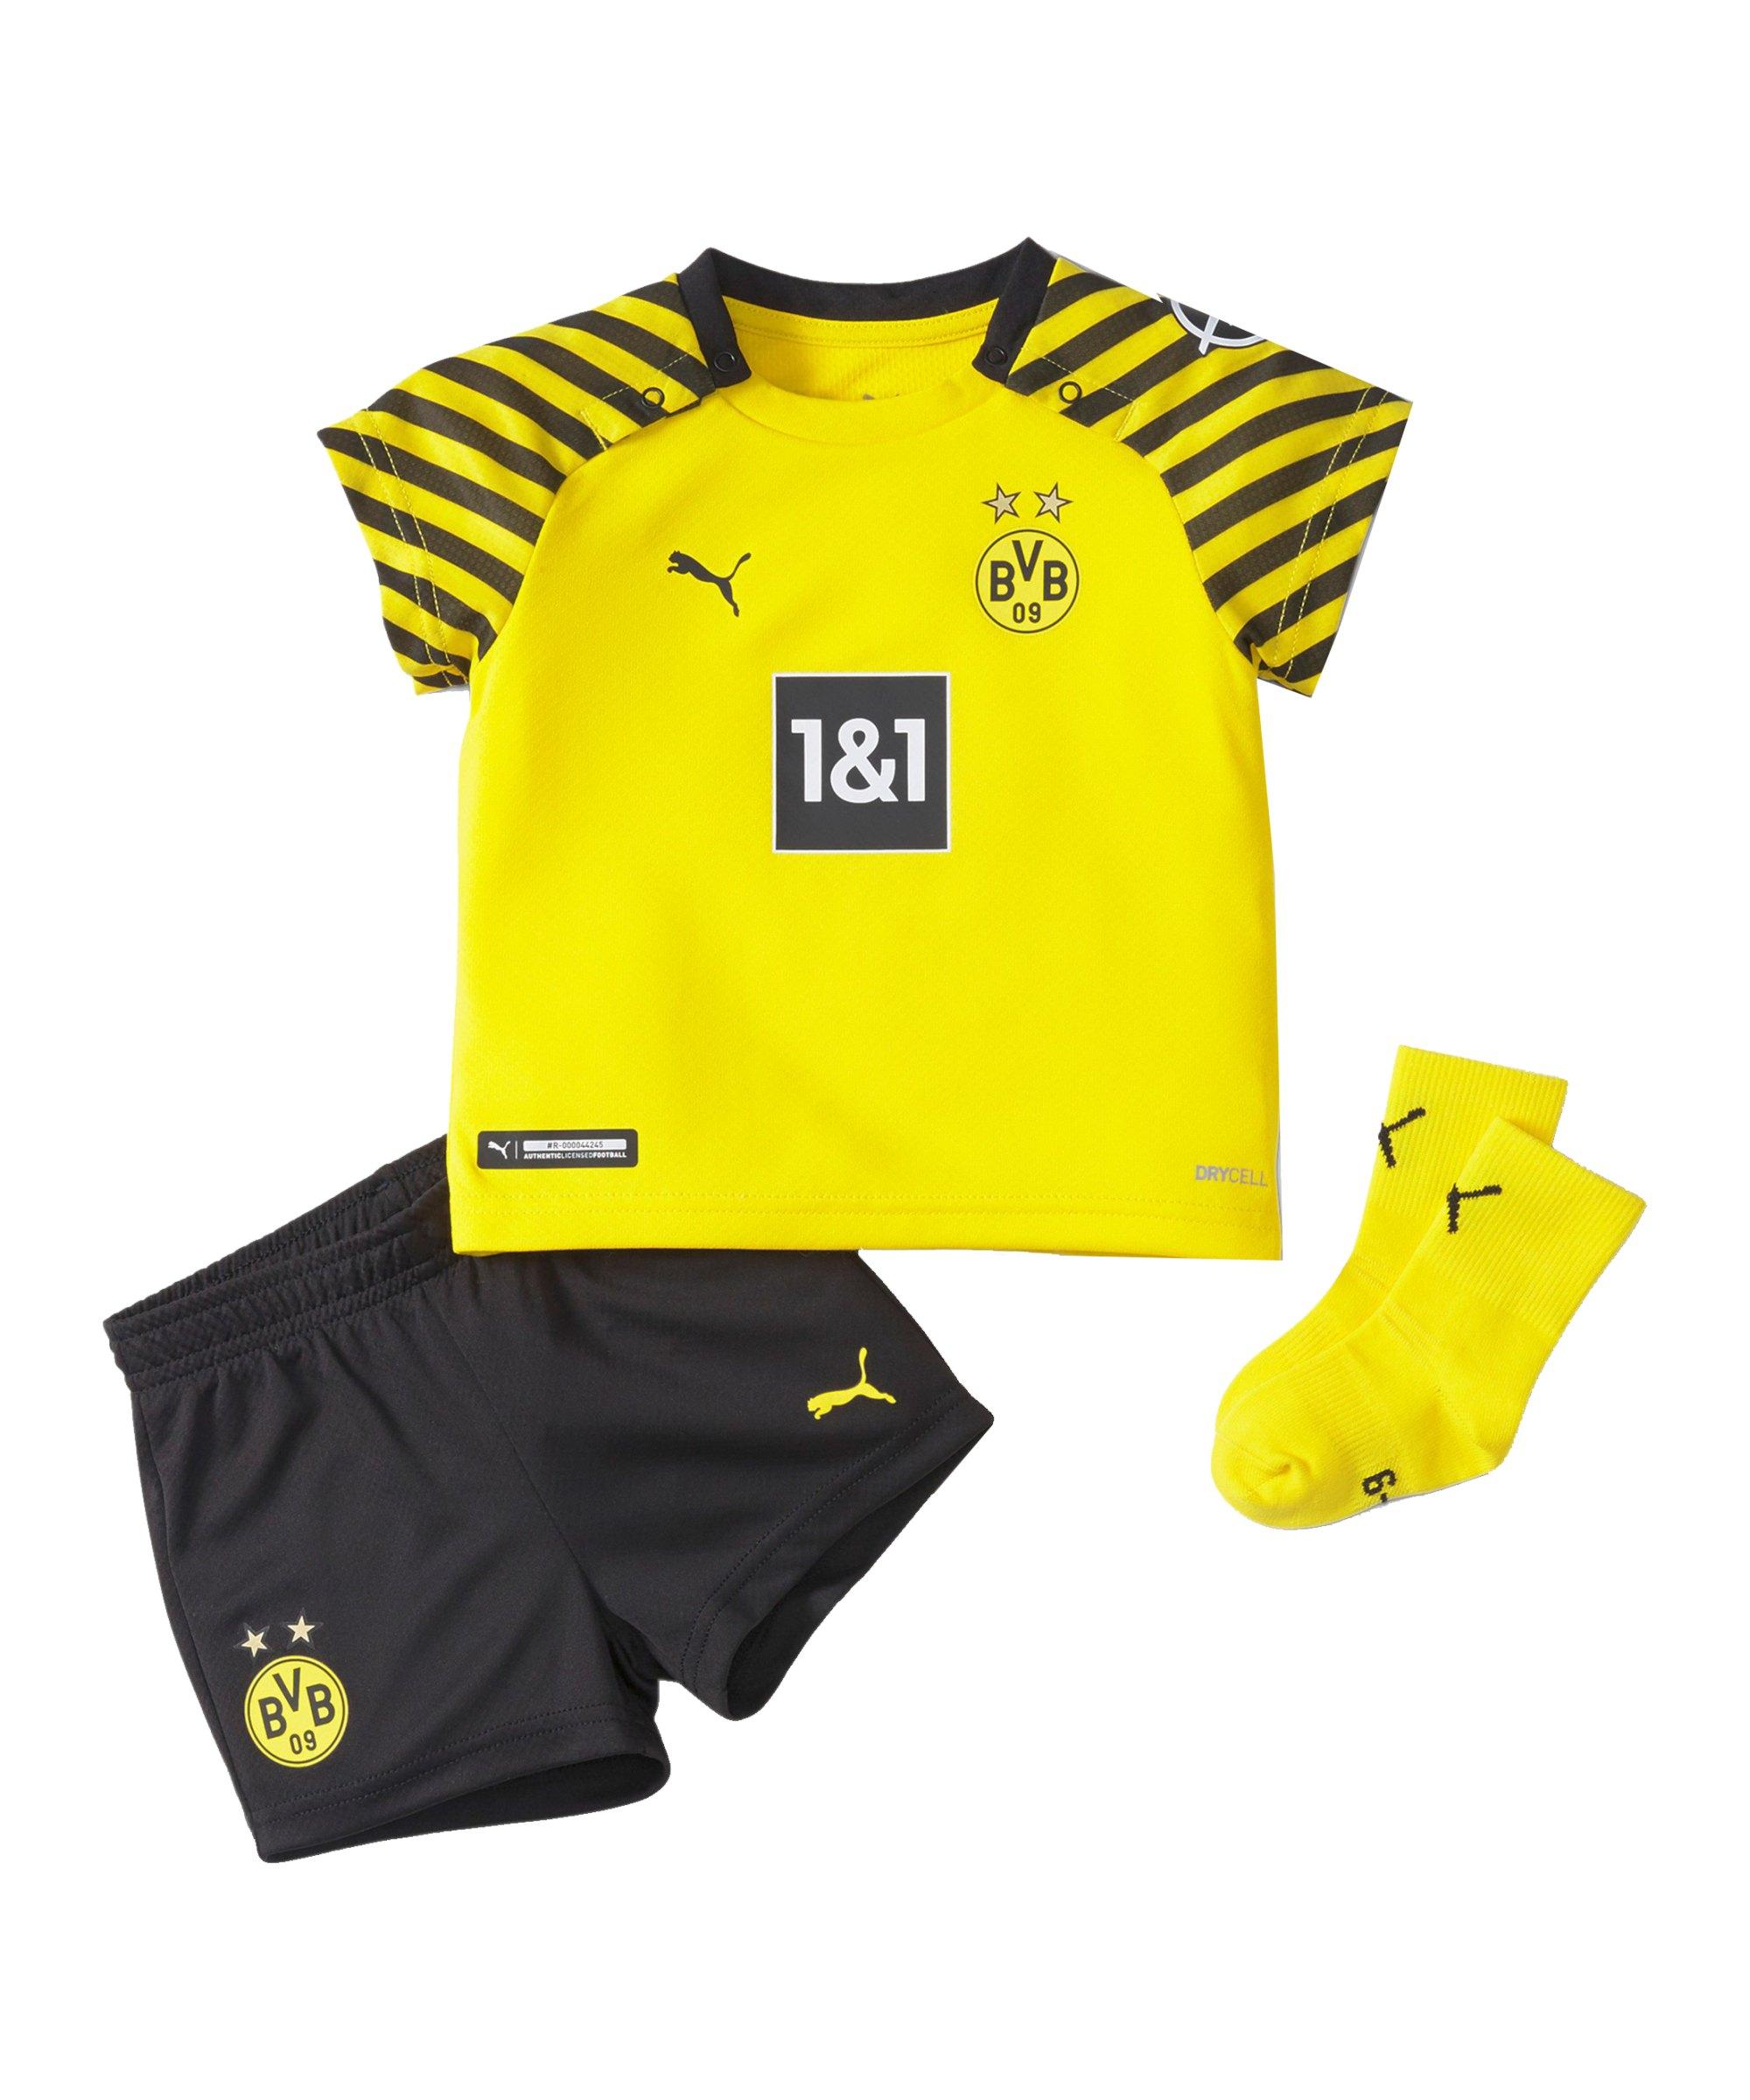 PUMA BVB Dortmund Babykit Home 2021/2022 Gelb Schwarz F01 - gelb